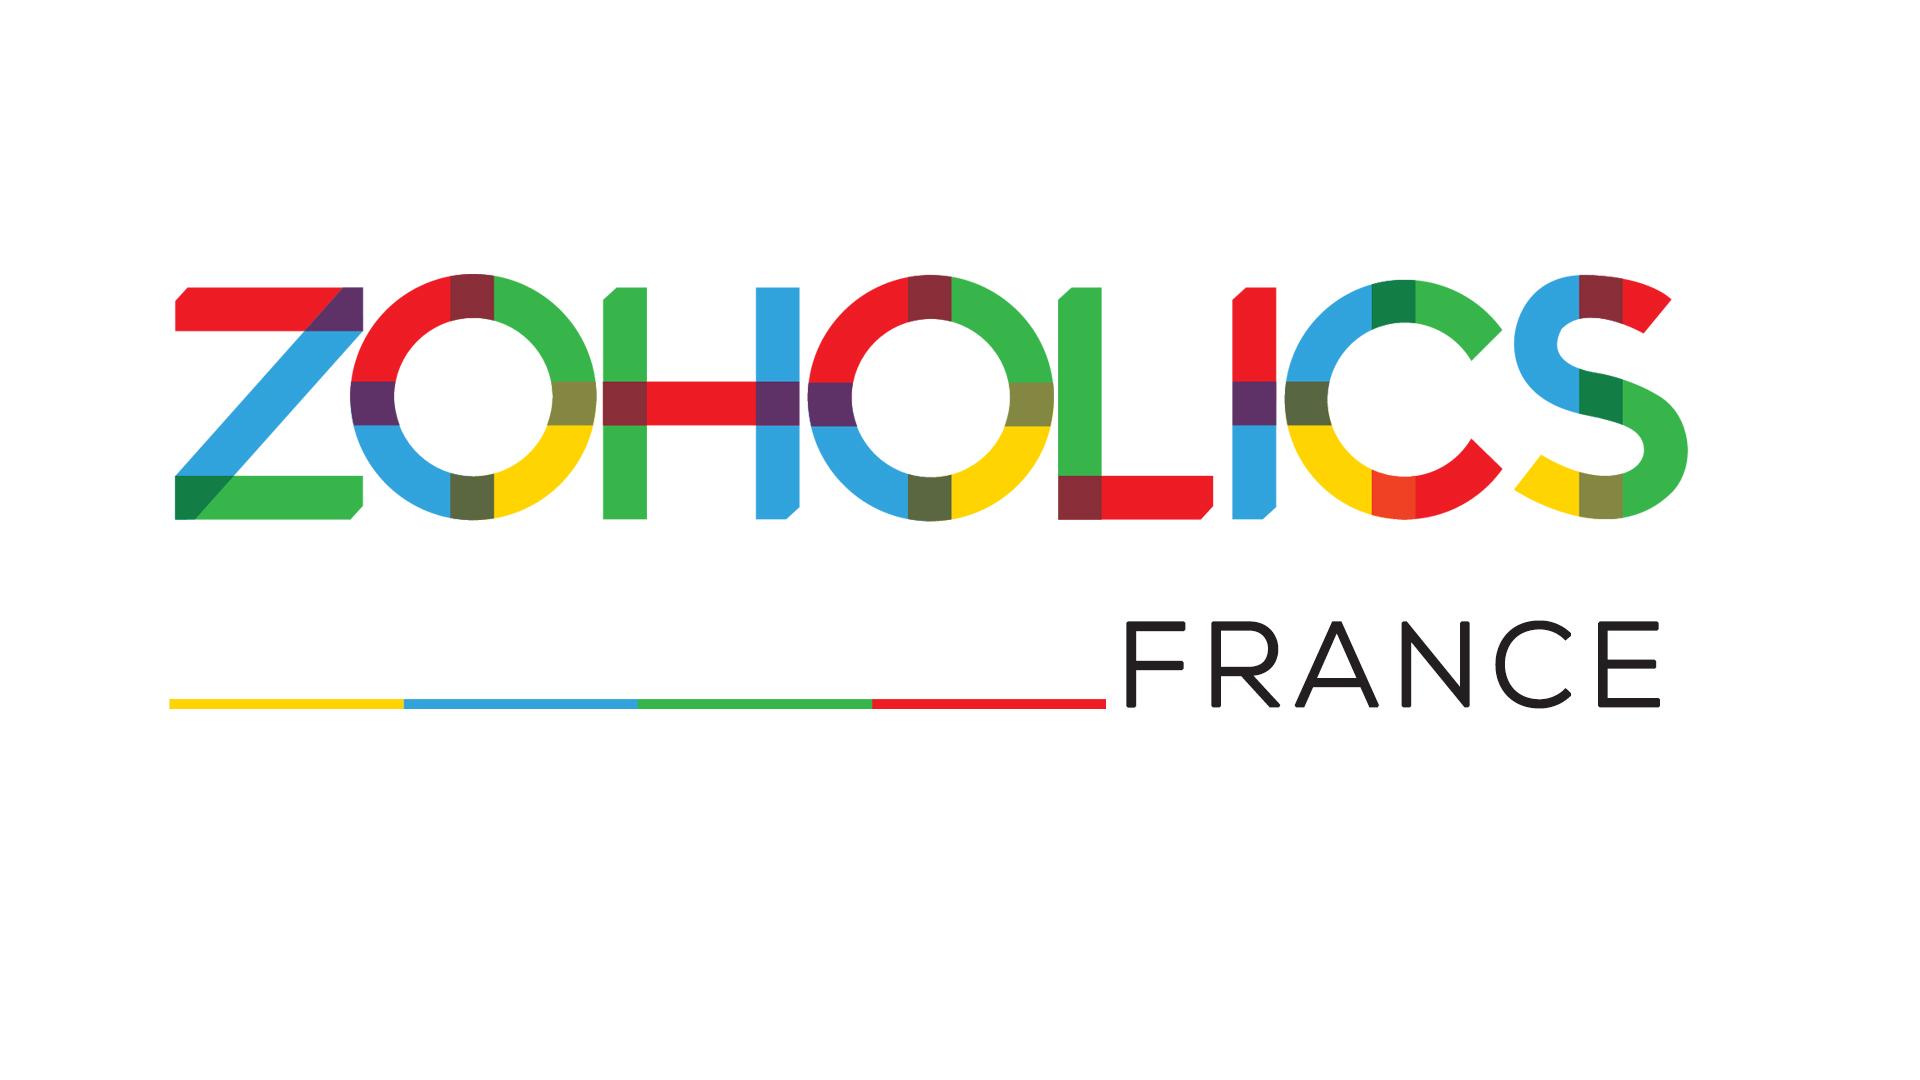 2018 FRANCE ZOHOLIC